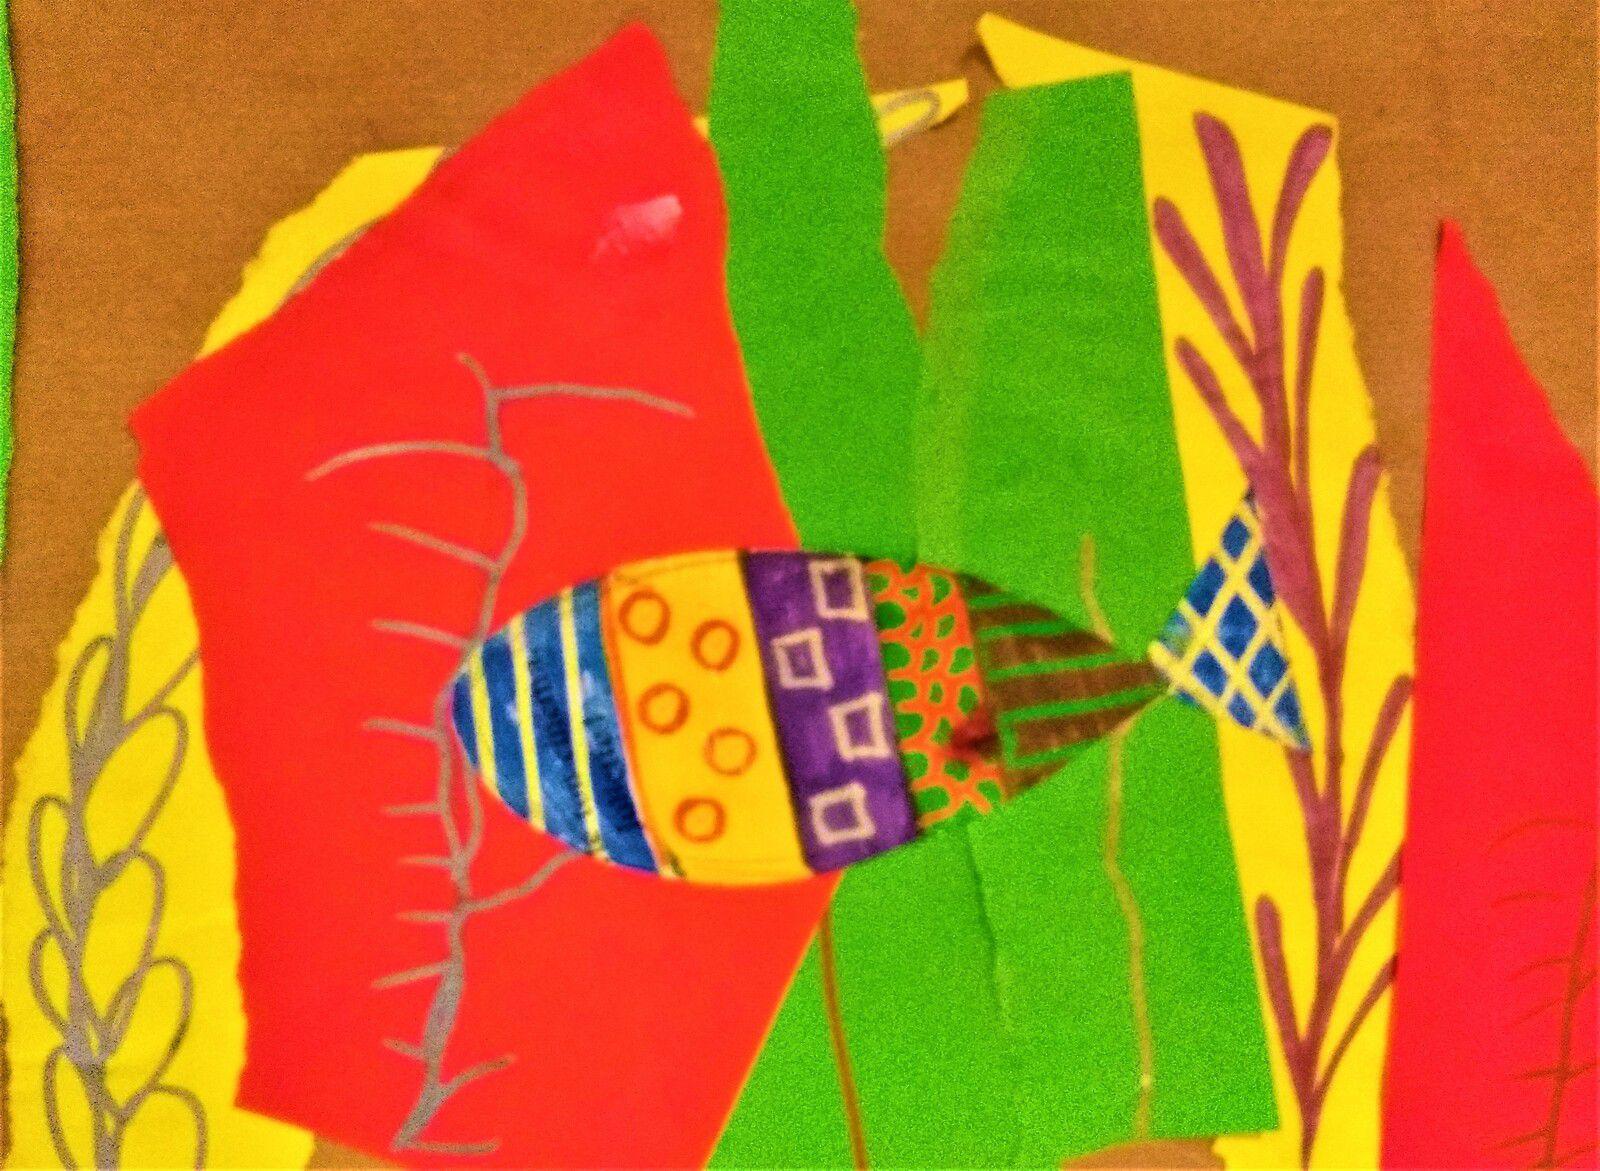 Atelier autonomie ~ 1. Fresque collaborative 2. Petit poisson coloré aux feutres magiques